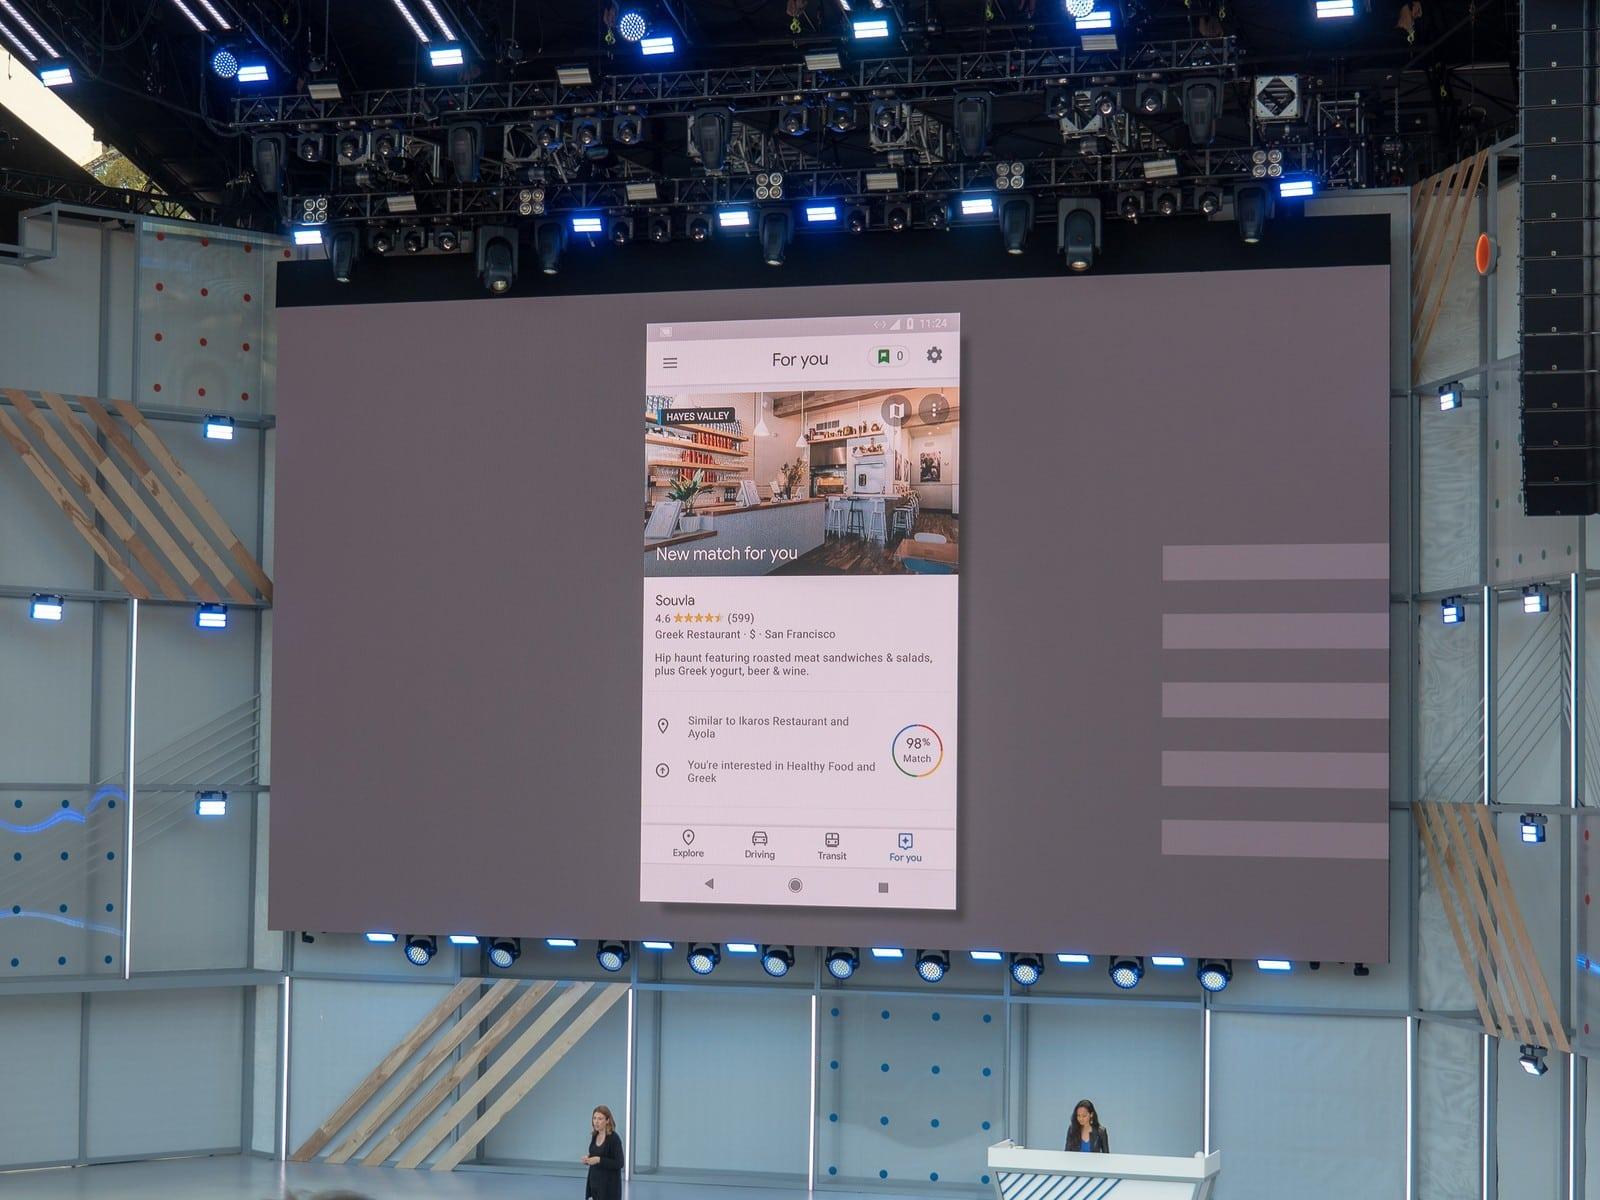 Google I/O 2018 ، مؤتمر جوجل 2018 ، مؤتمر جوجل للمطورين 2018